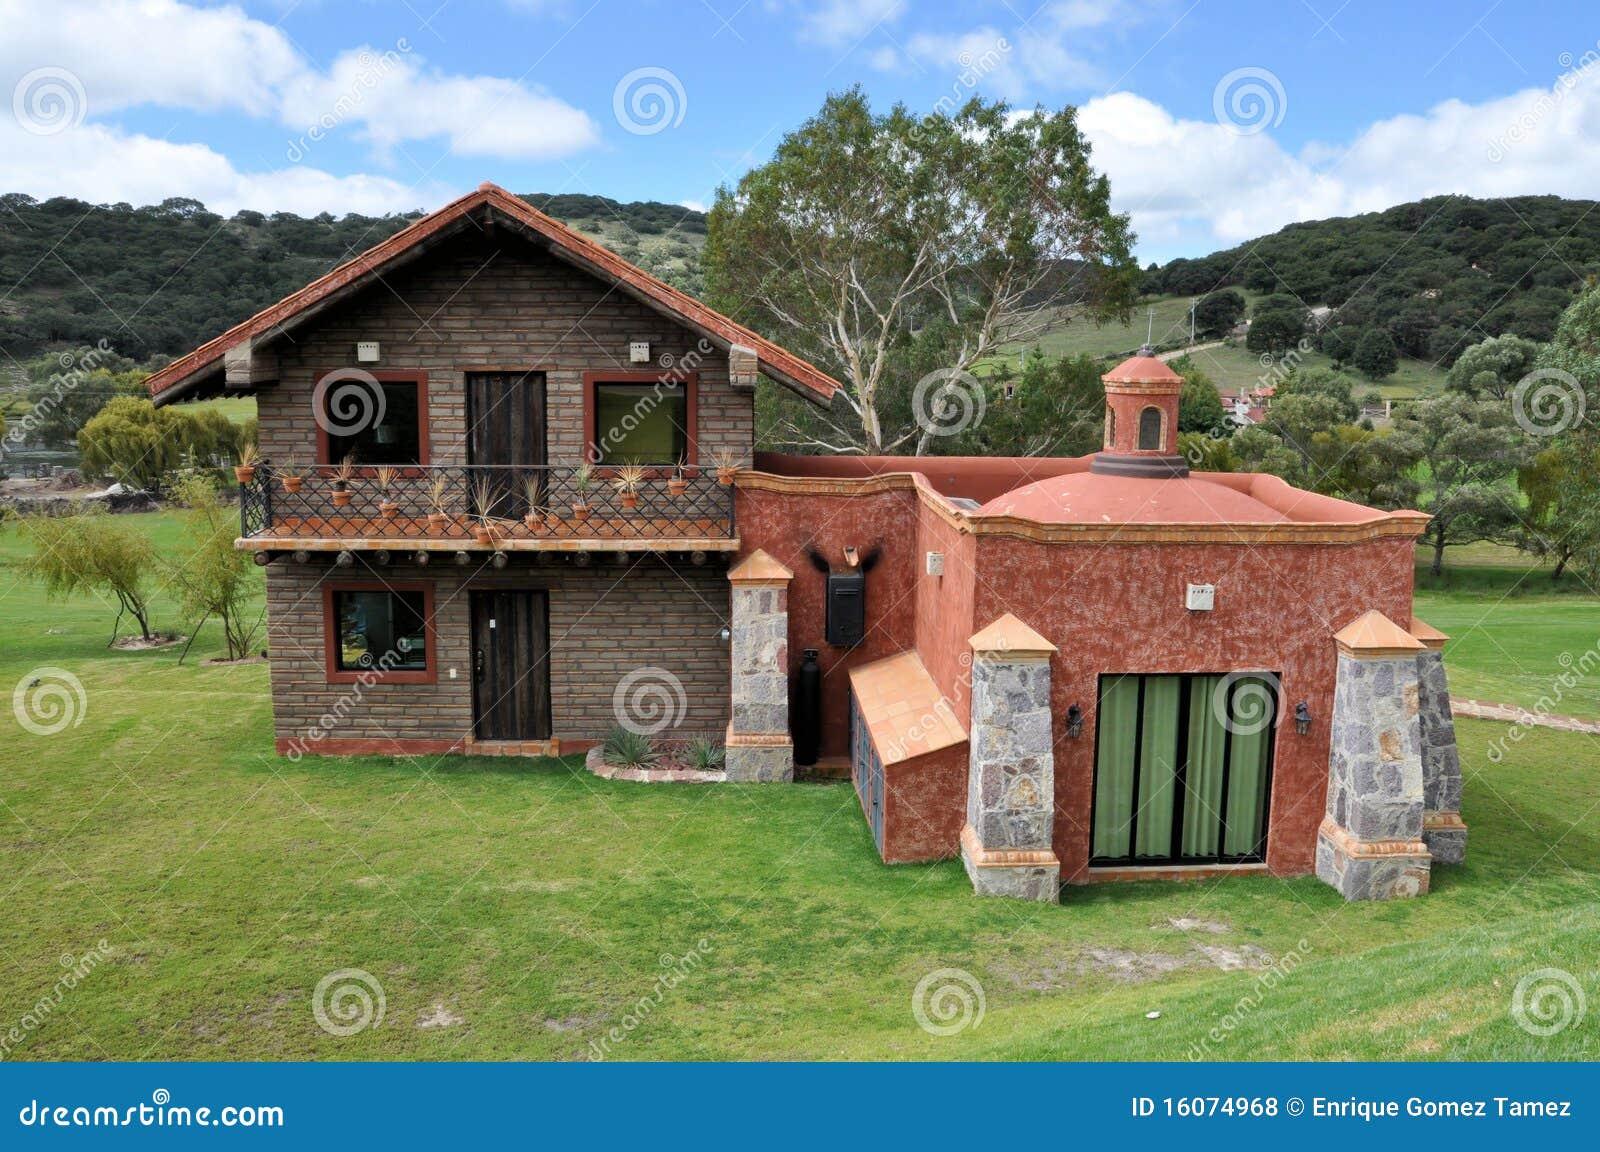 Casa de campo foto de archivo imagen de rancho aislado 16074968 - Imagenes de casas de campo ...